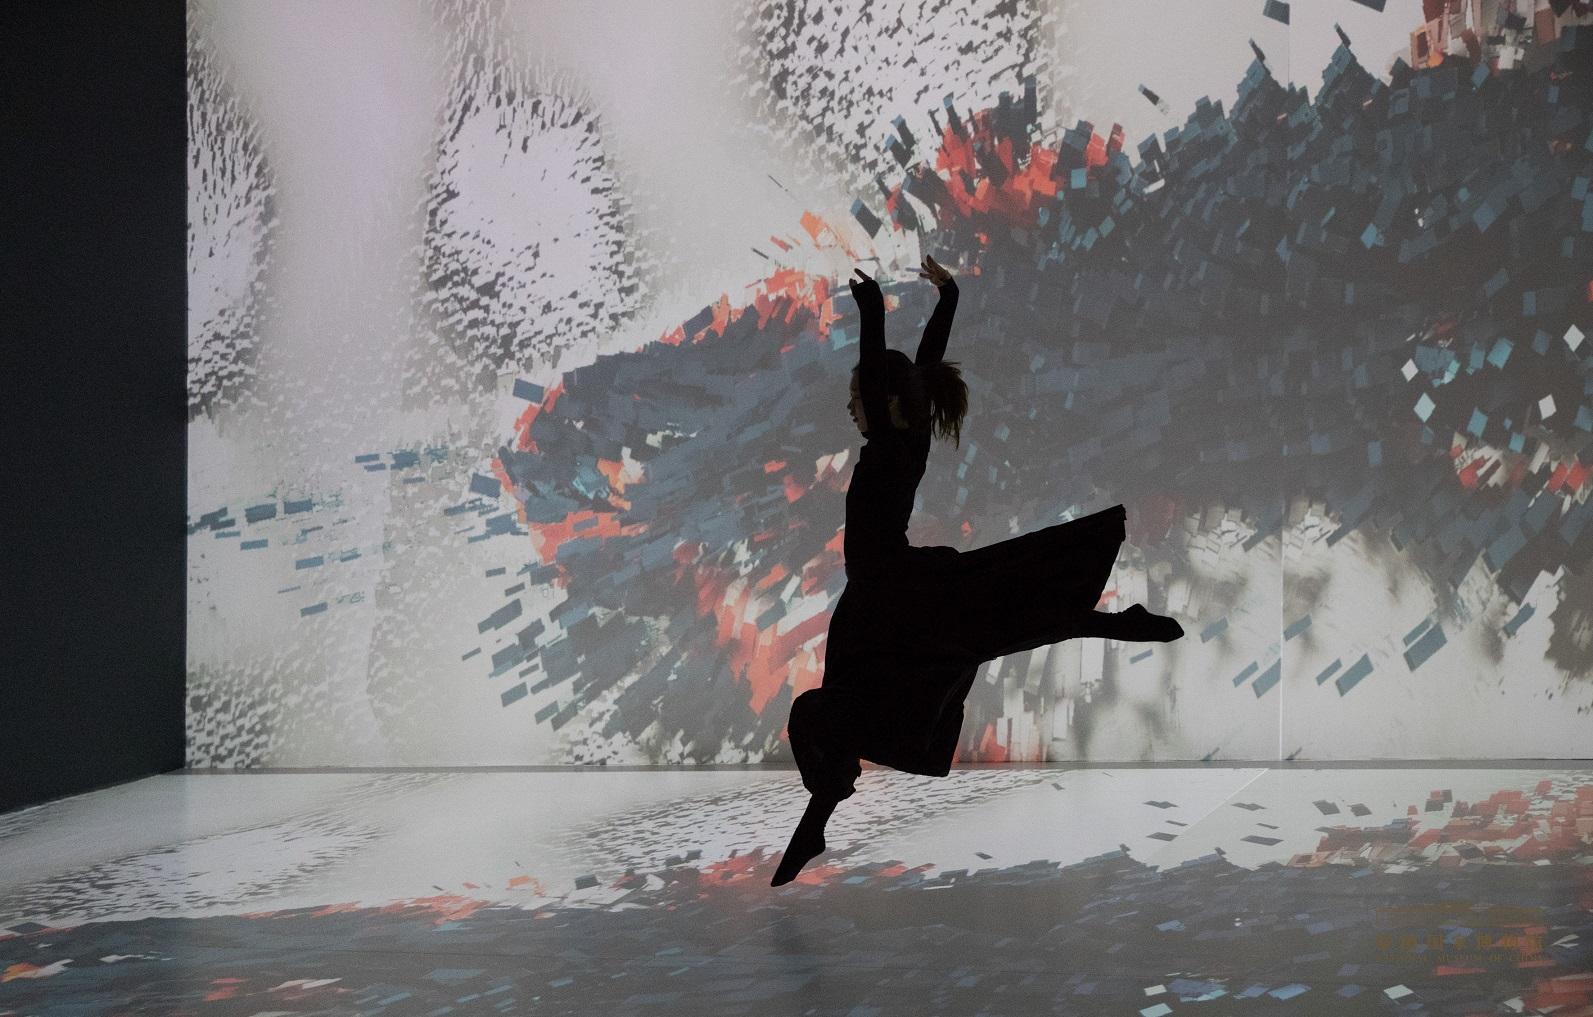 参展作品《合》,奥斯曼·考其(土耳其)。作品打造了一个整体的声音和视觉体验,应用软件让声音和动作影响视觉图像,实现艺术阐释和即兴创作。.jpg